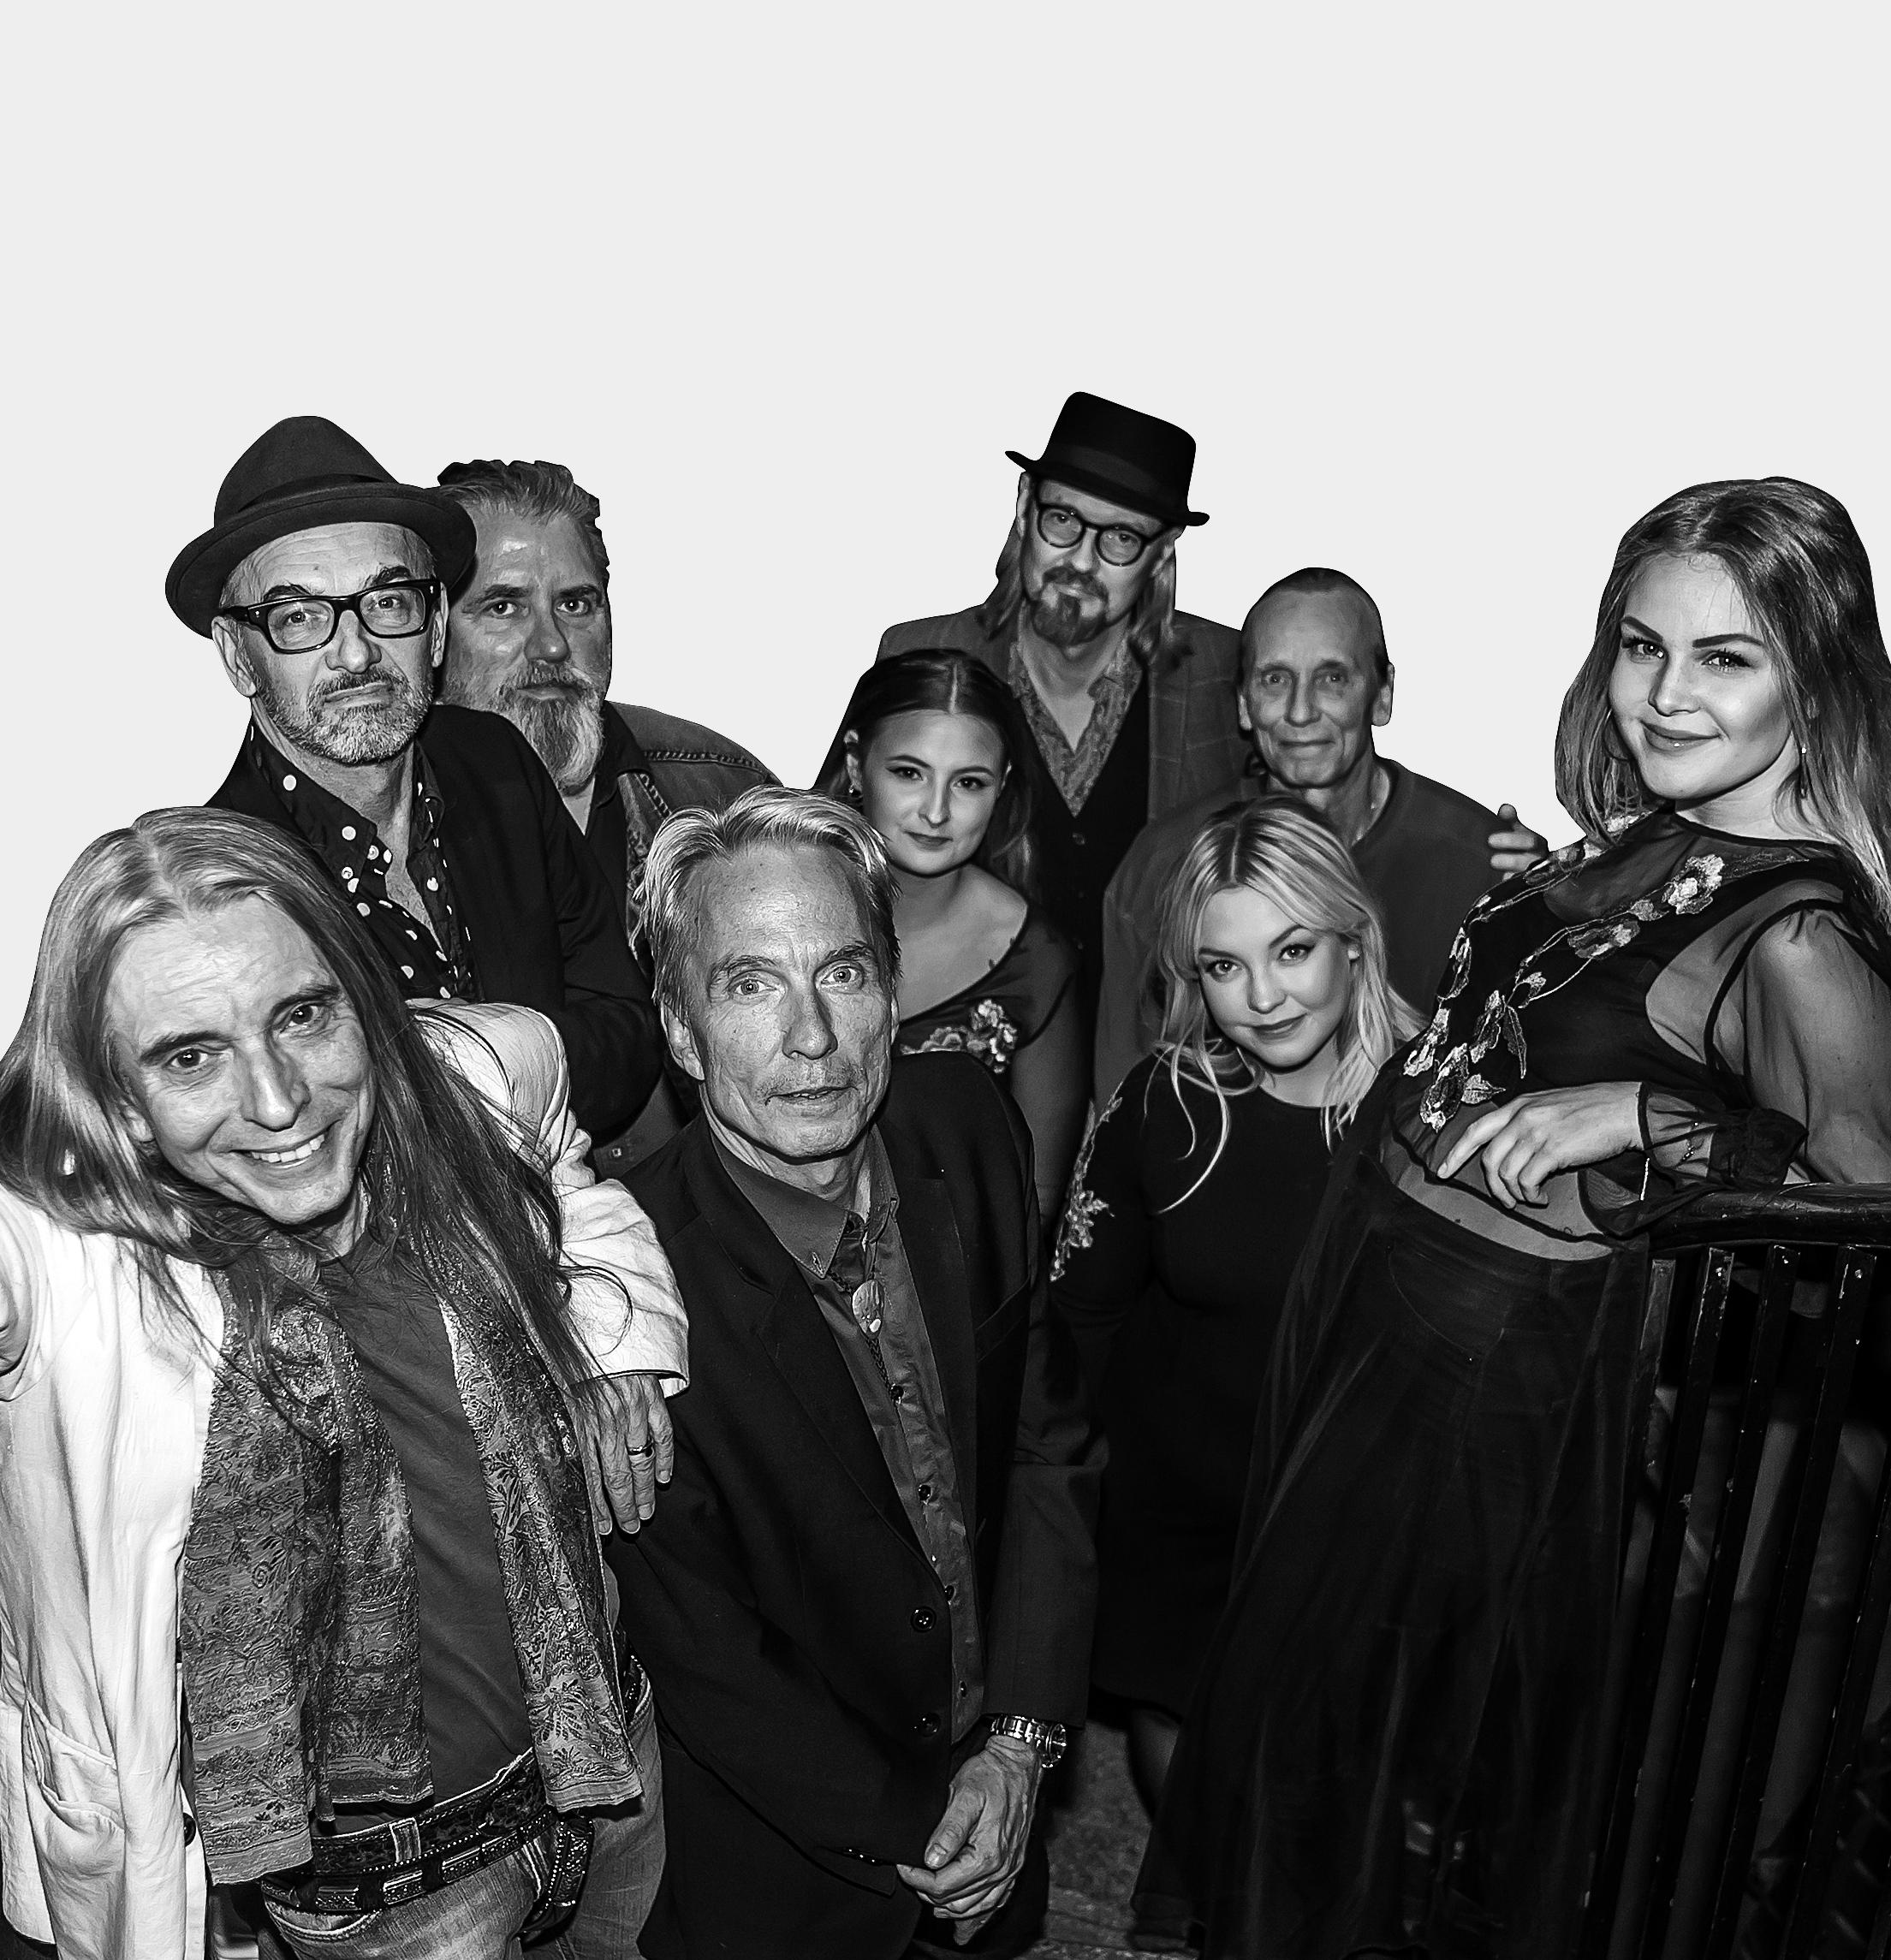 Dan Hylander & Raj Montana Band - Allt sedan 70-talet är Dan Hylanders namn intimt förknippad med svensk populärmusik. Som producent och låtskrivare har han samarbetat med mängder av svenska artister som Totta Näslund, Björn Skifs och Tomas Ledin. Med Raj Montana Band och Py Bäckman släppte Dan Hylander en serie bejublande album på 80-talet, då han slog igenom på alvar. Efter 2 rockbjörnar, soloprojekt, mängder av samarbeten och långa perioder i Peru är nu Dan Hylander tillbaka i Sverige och har återförenats med sitt Raj Montana Band.På lördag 29 juni står Dan Hylander med sitt Raj Montana Band på Stora Scen på Torsjö Live redo att ge dig en oförglömlig konsertupplevelse. Kom, minns, njut!På scen lördag 29 juni